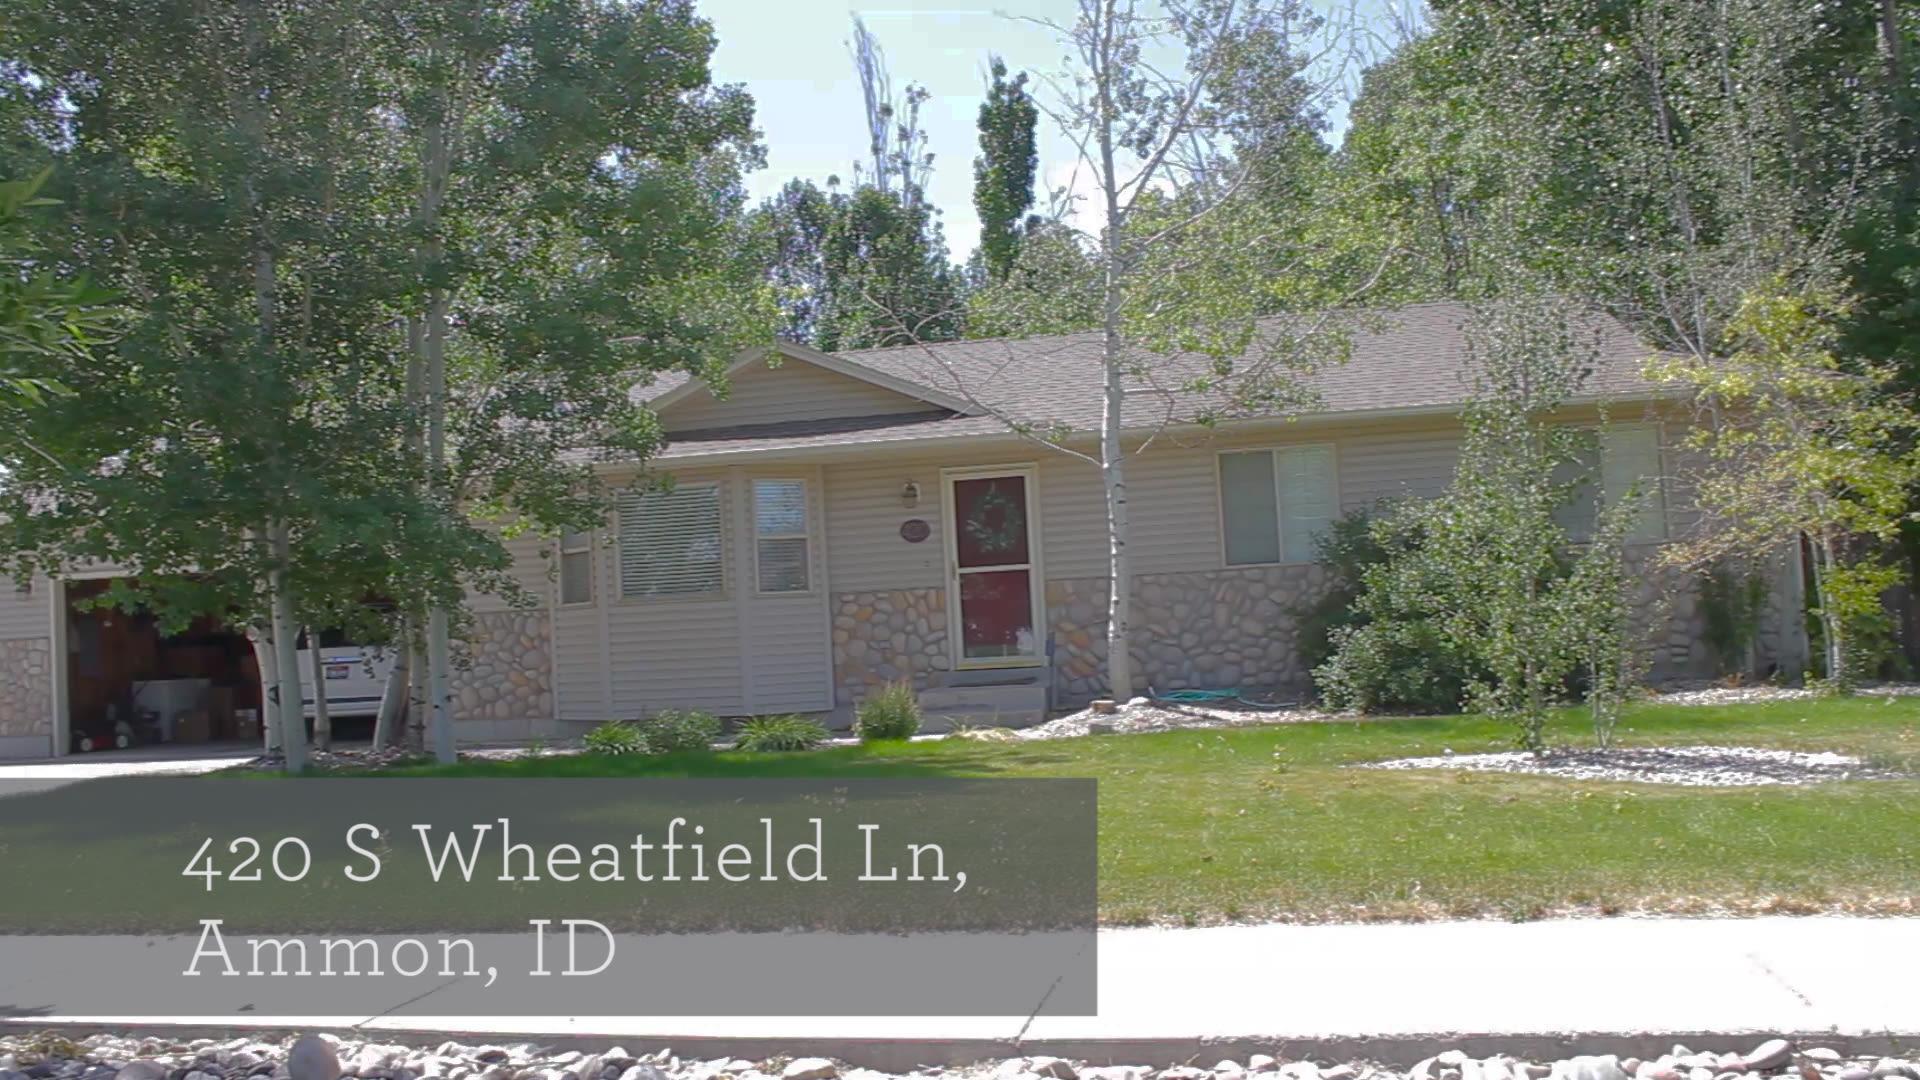 420 S Wheatfield Ln, Ammon